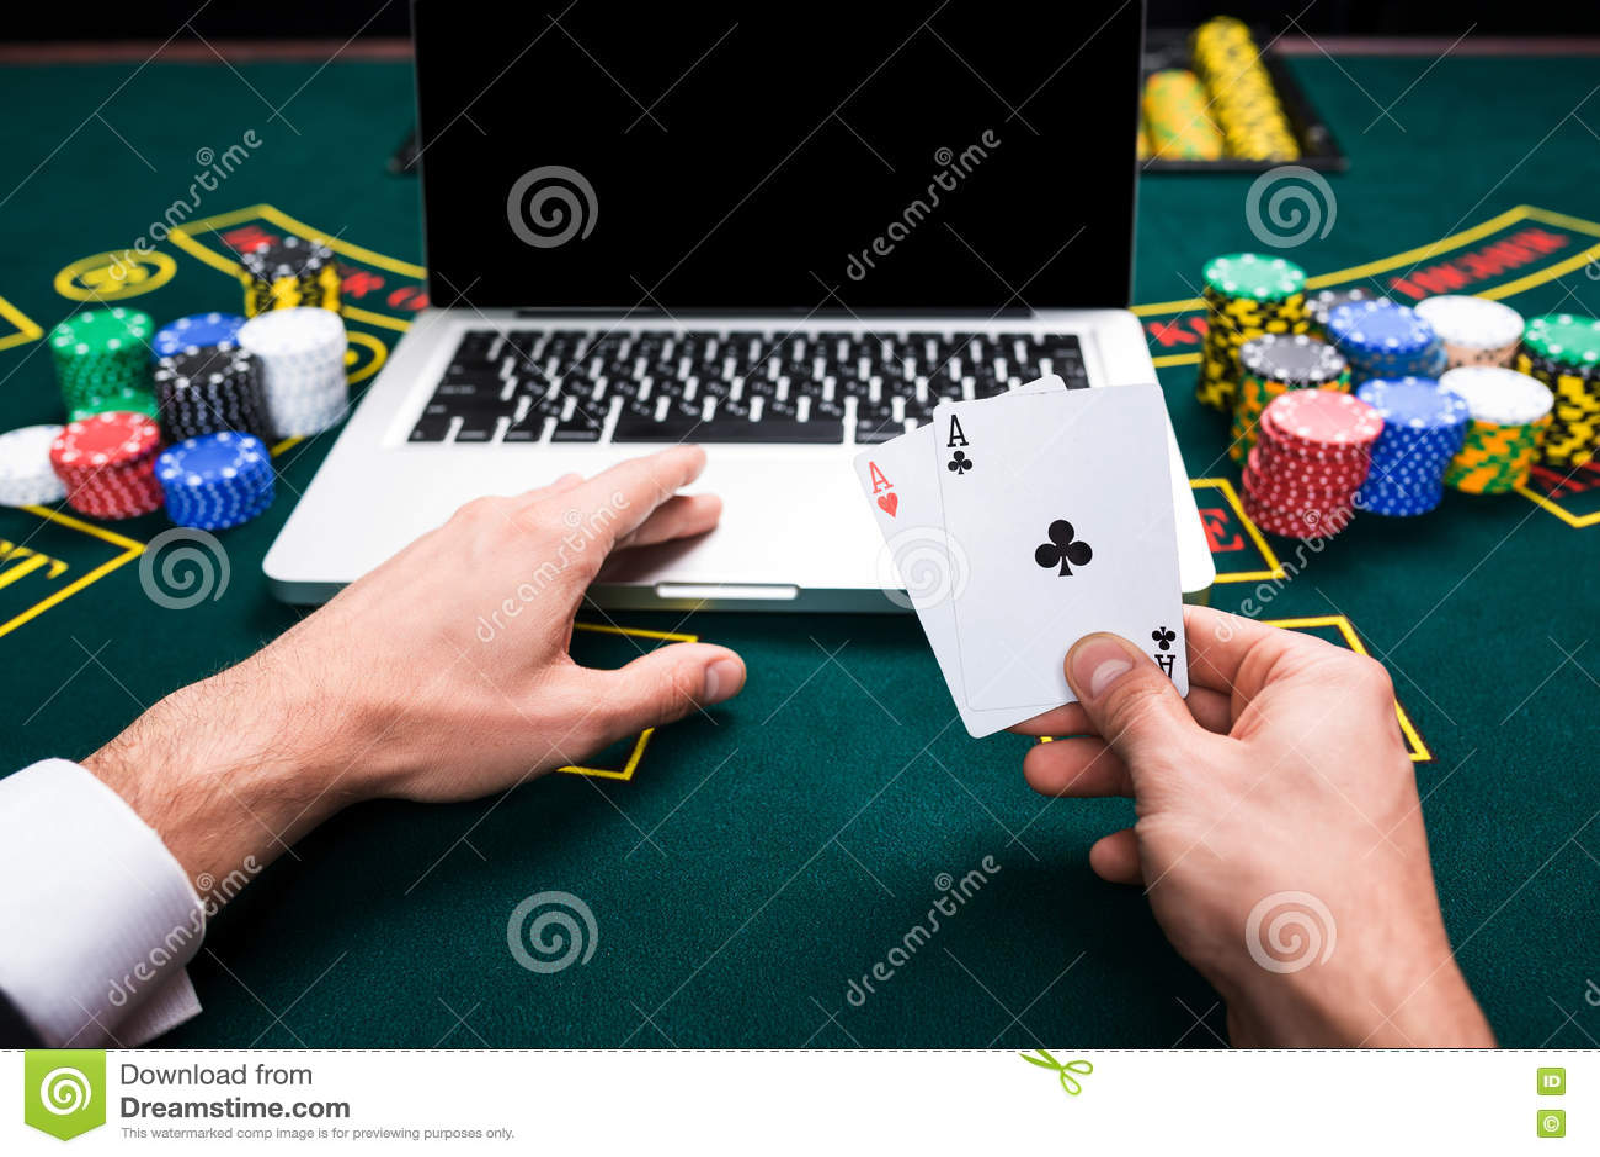 Карточная игра дурак на компьютер